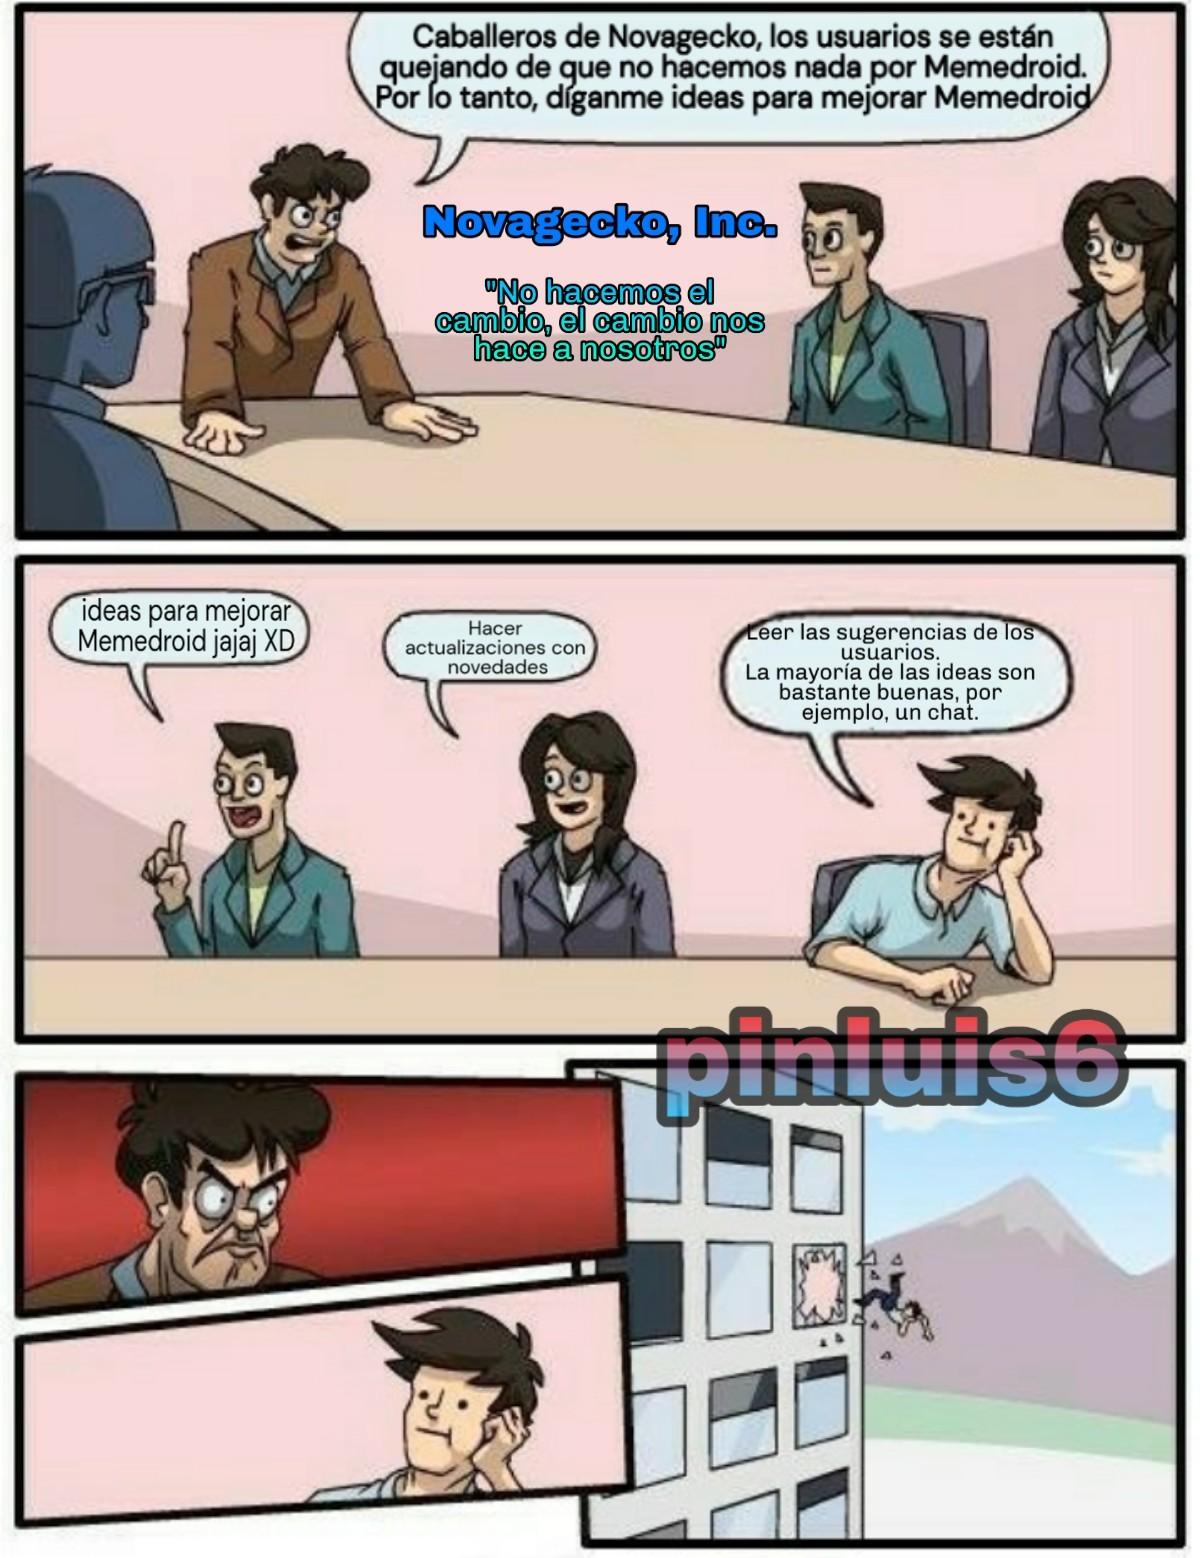 Te queremos, Novagecko - meme